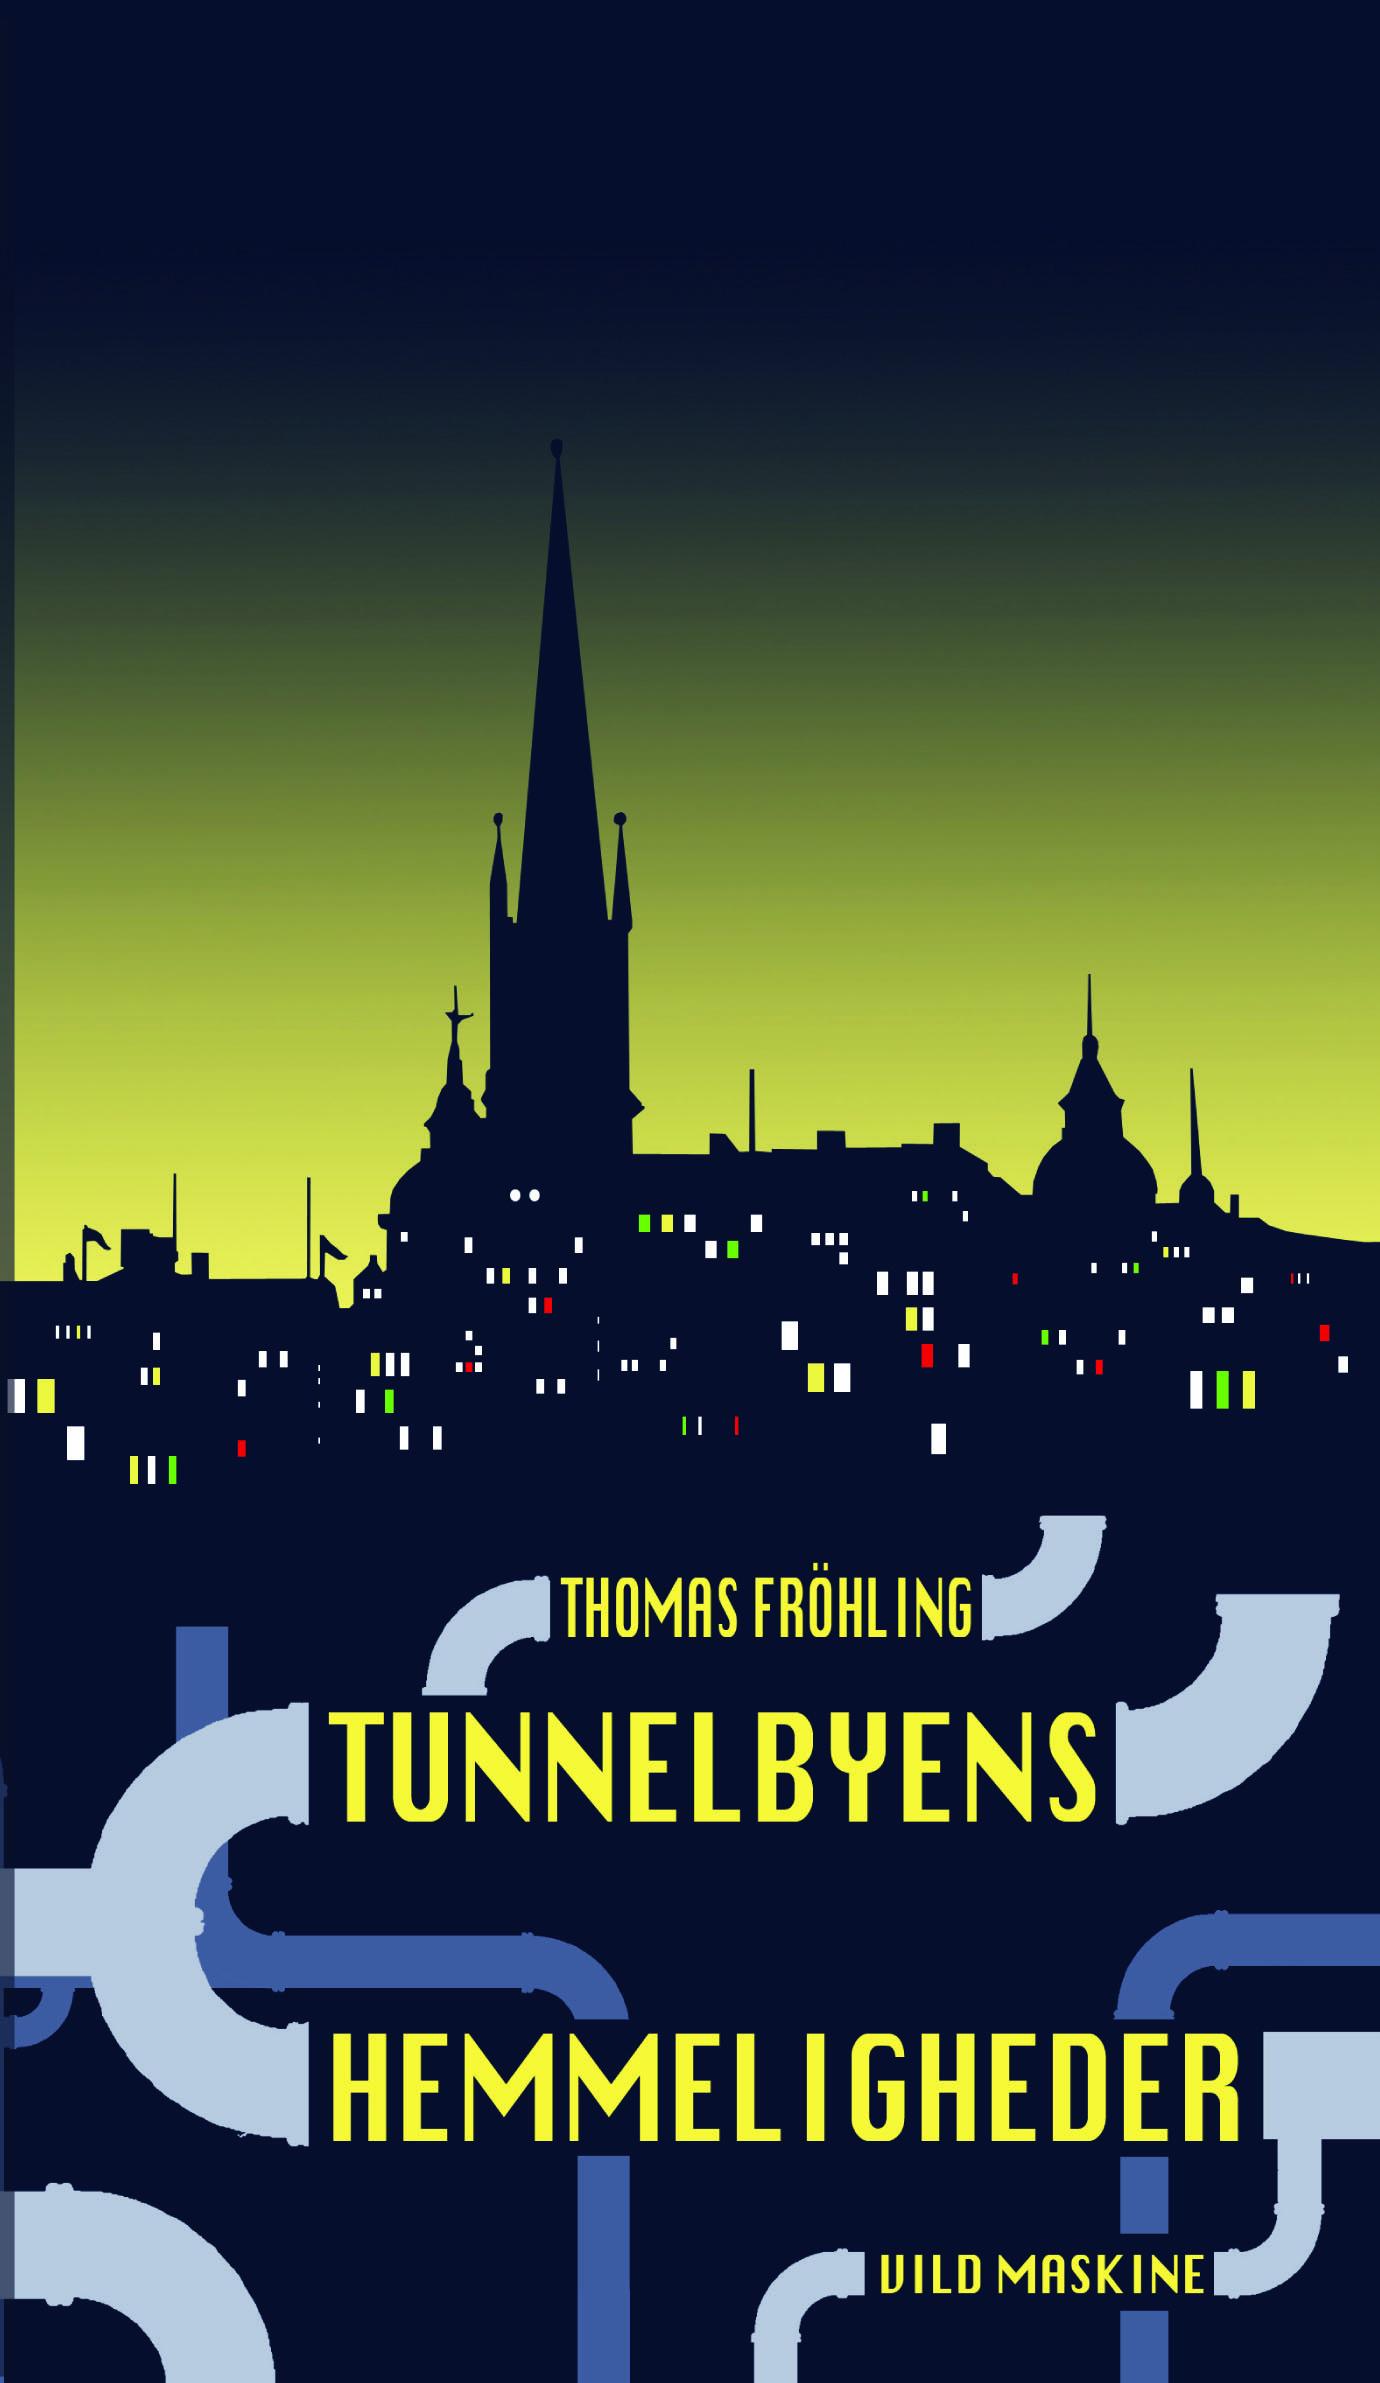 Tunnelbyens Hemmeligheder, ungdomsbog, Thomas Fröhling. Udkommer januar 2015.